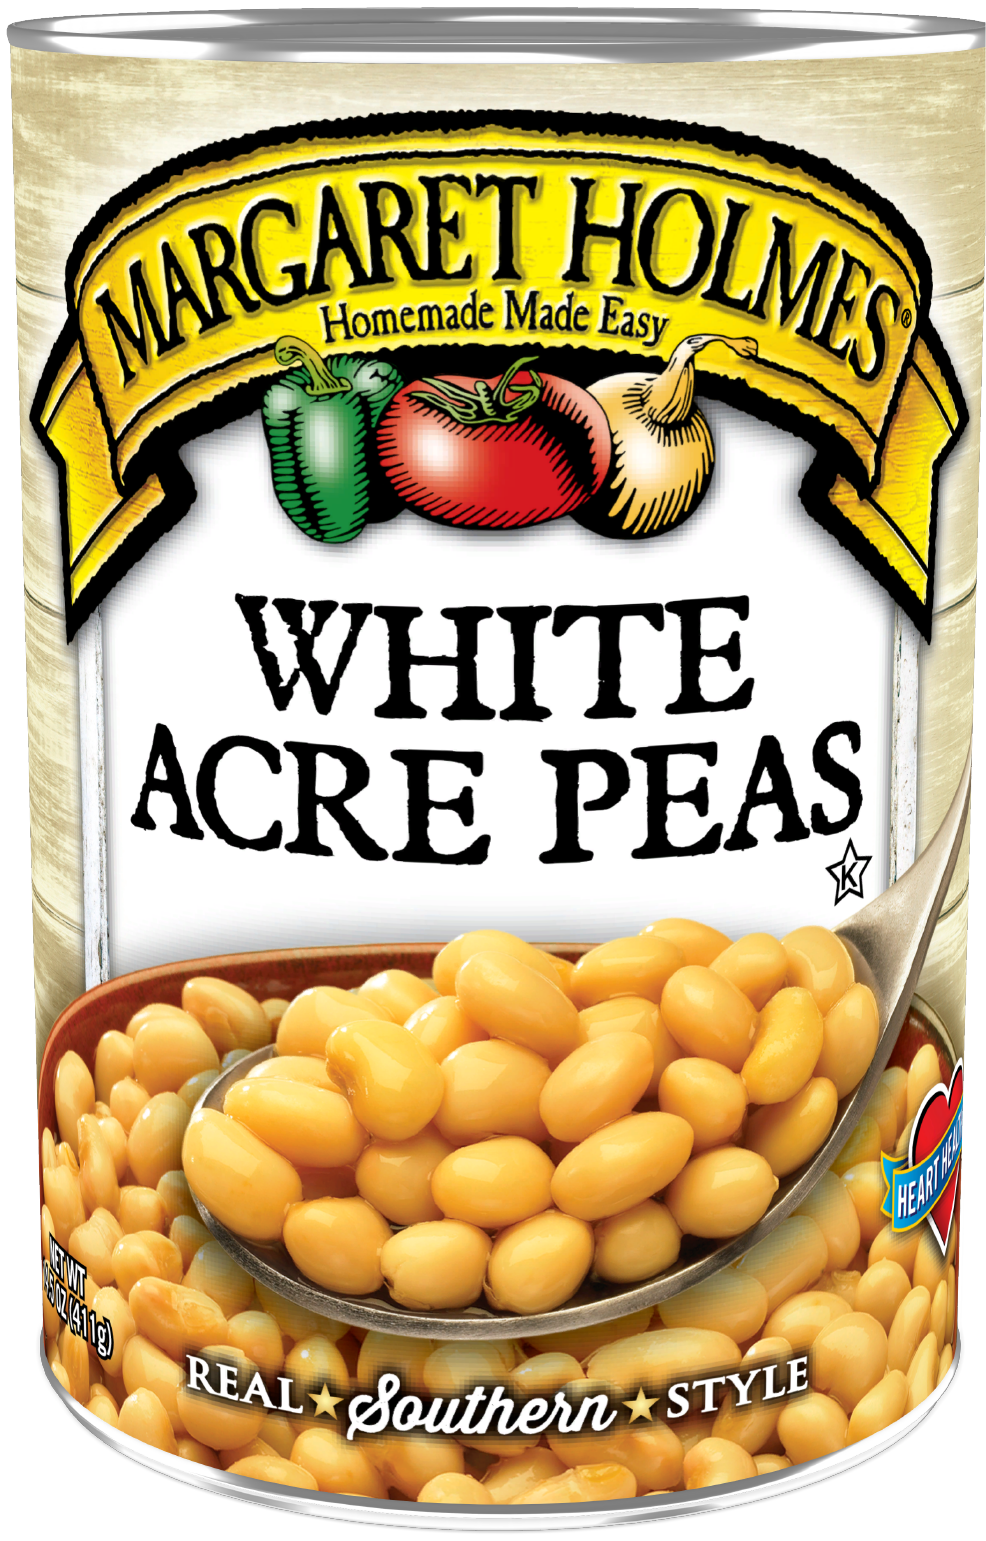 White Acre Peas